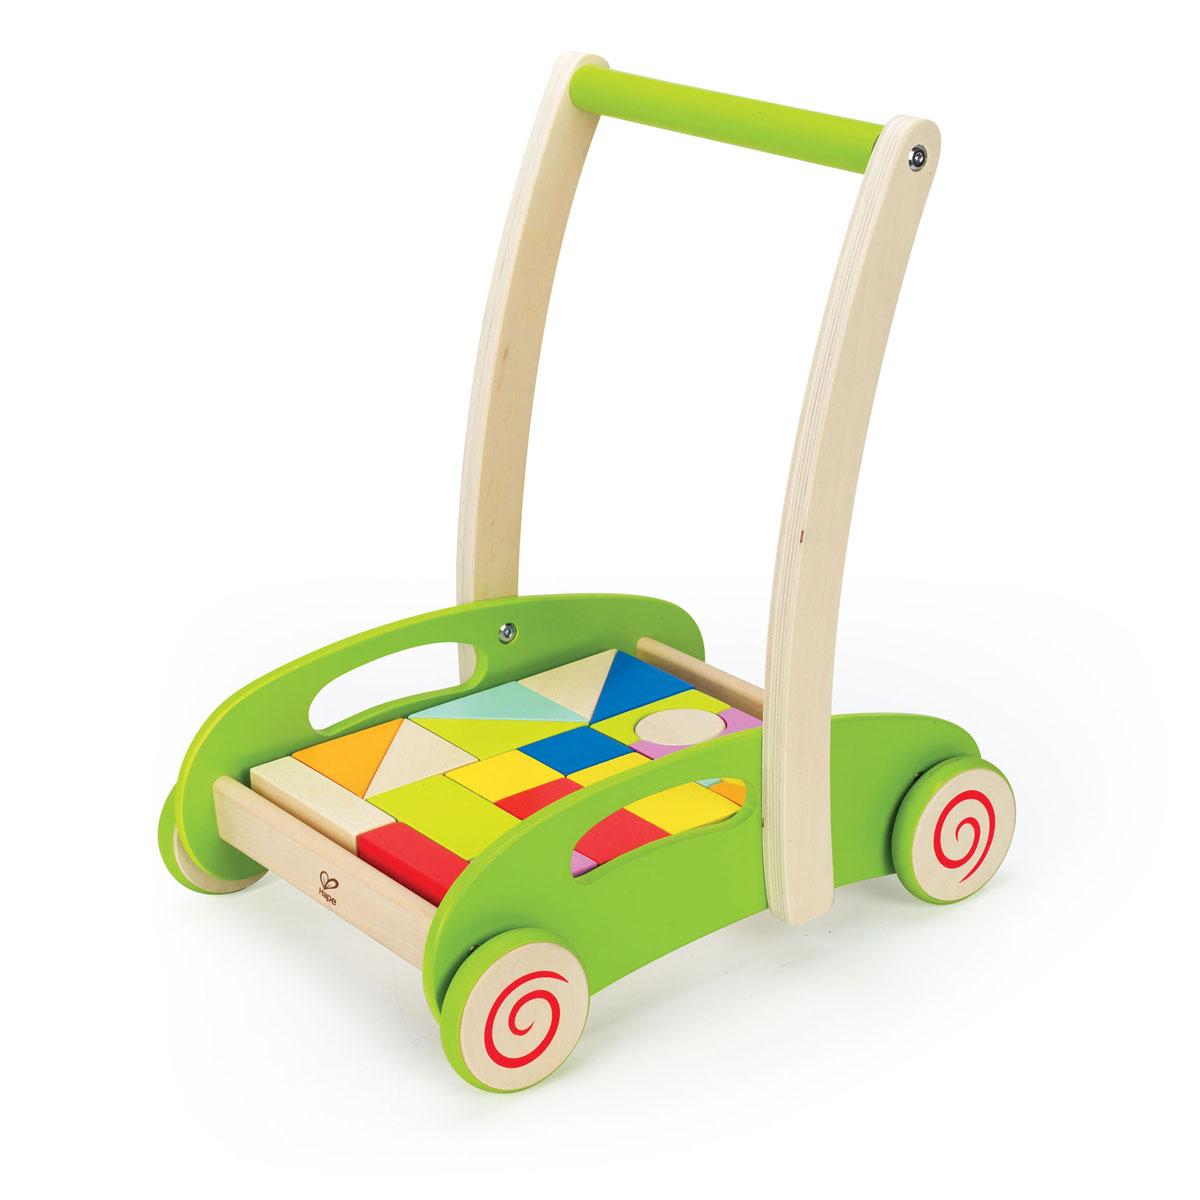 Развивающая каталка-конструктор Hape, 21 элементЕ0371Развивающая каталка-конструктор Hape, непременно, понравится вашему малышу и подойдет для игры, как дома, так и на свежем воздухе. Игрушка выполнена из дерева с использованием нетоксичных красок в виде тележки с кубиками. Каталка оснащена четырьмя колесами и удобной широкой ручкой. Ребенок сможет катать игрушку, толкая перед собой. Опираясь на каталку, ребенок учится уверенно ходить, тренирует координацию и равновесие. Двадцать кубиков, входящих в комплект позволят малышу проявить фантазию и творческие способности. Придумывая первые конструкции, ребенок тренирует мелкую моторику рук, логику, воображение, знакомится с новыми формами и физическими законами. Ему необходимо уместить все кубики в тележке. Сделать это можно только поняв сочетание форм. Игра учит малыша наводить порядок. Порадуйте своего ребенка таким замечательным подарком!